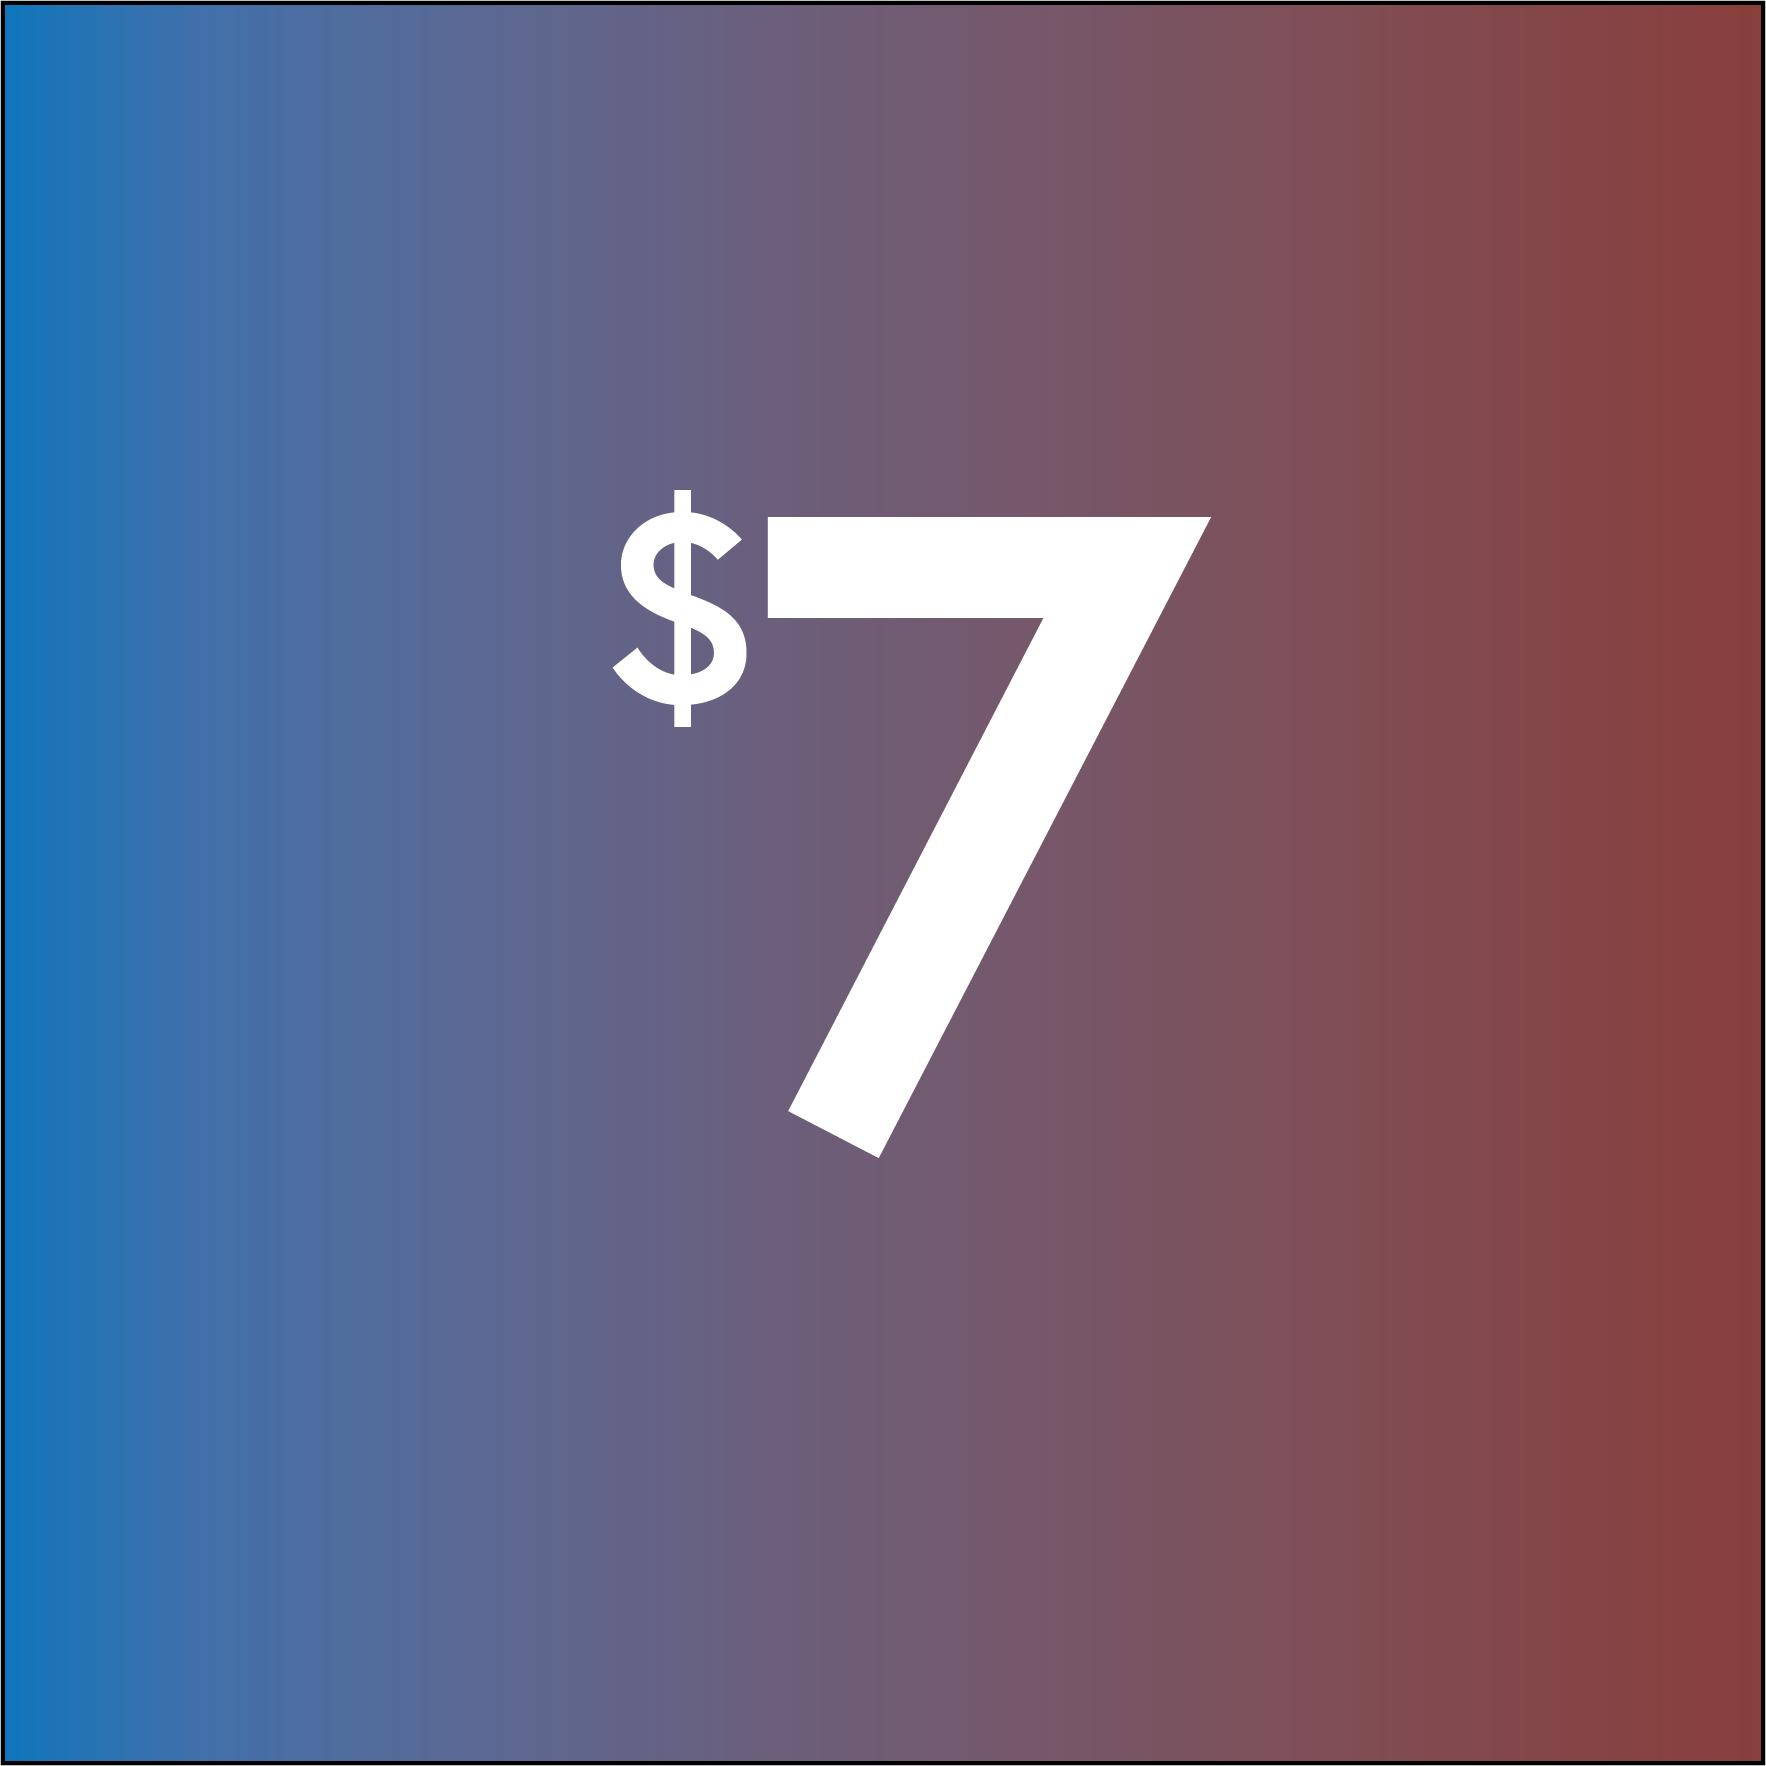 $7 Option